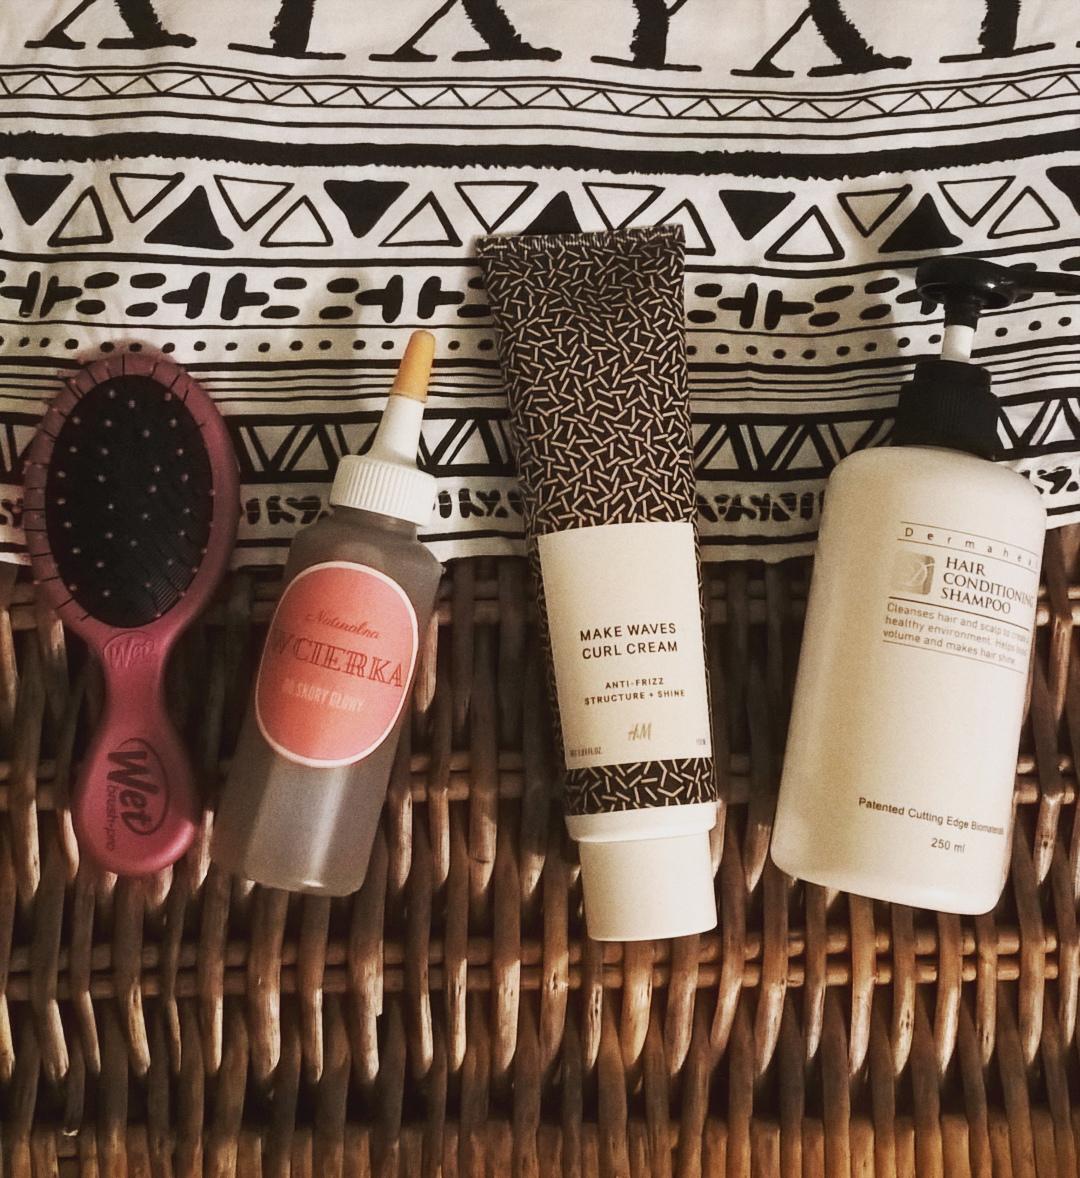 Sposoby na elektryzowanie włosów kosmetyki krem do włosów kręconych h&m, szampon dermaheal opinie